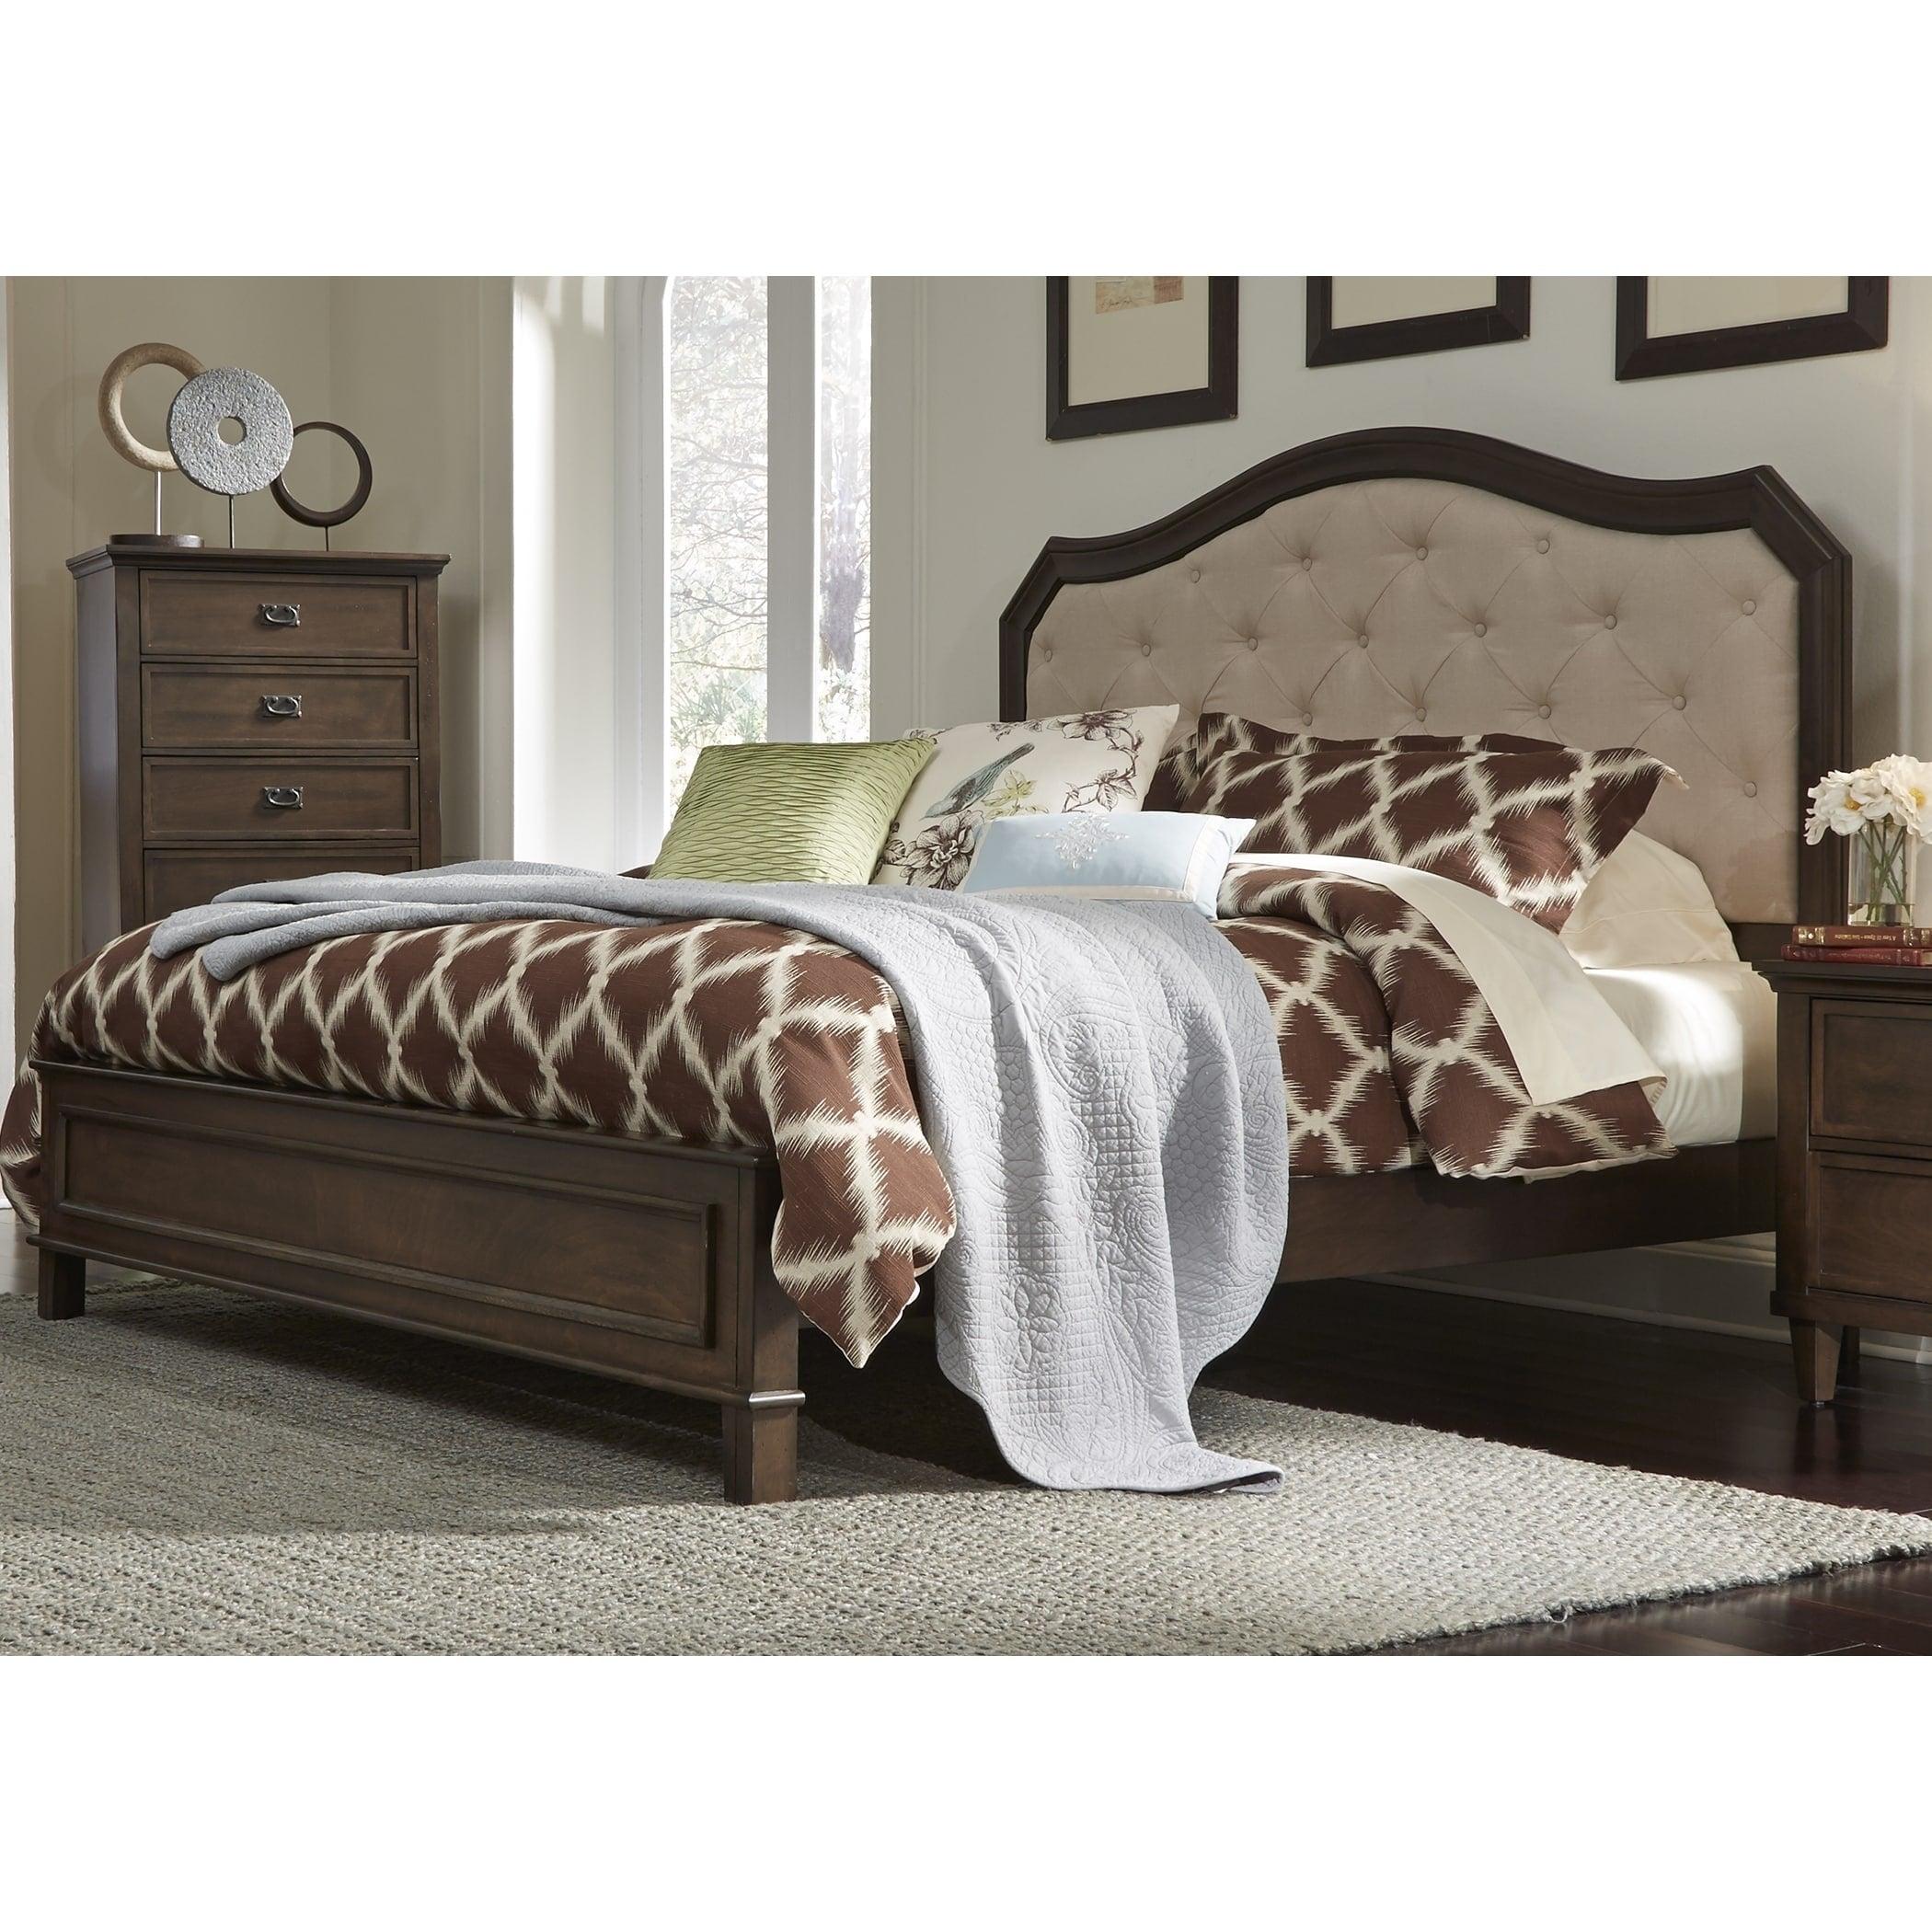 Berkley Heights Antique Washed Walnut Bed